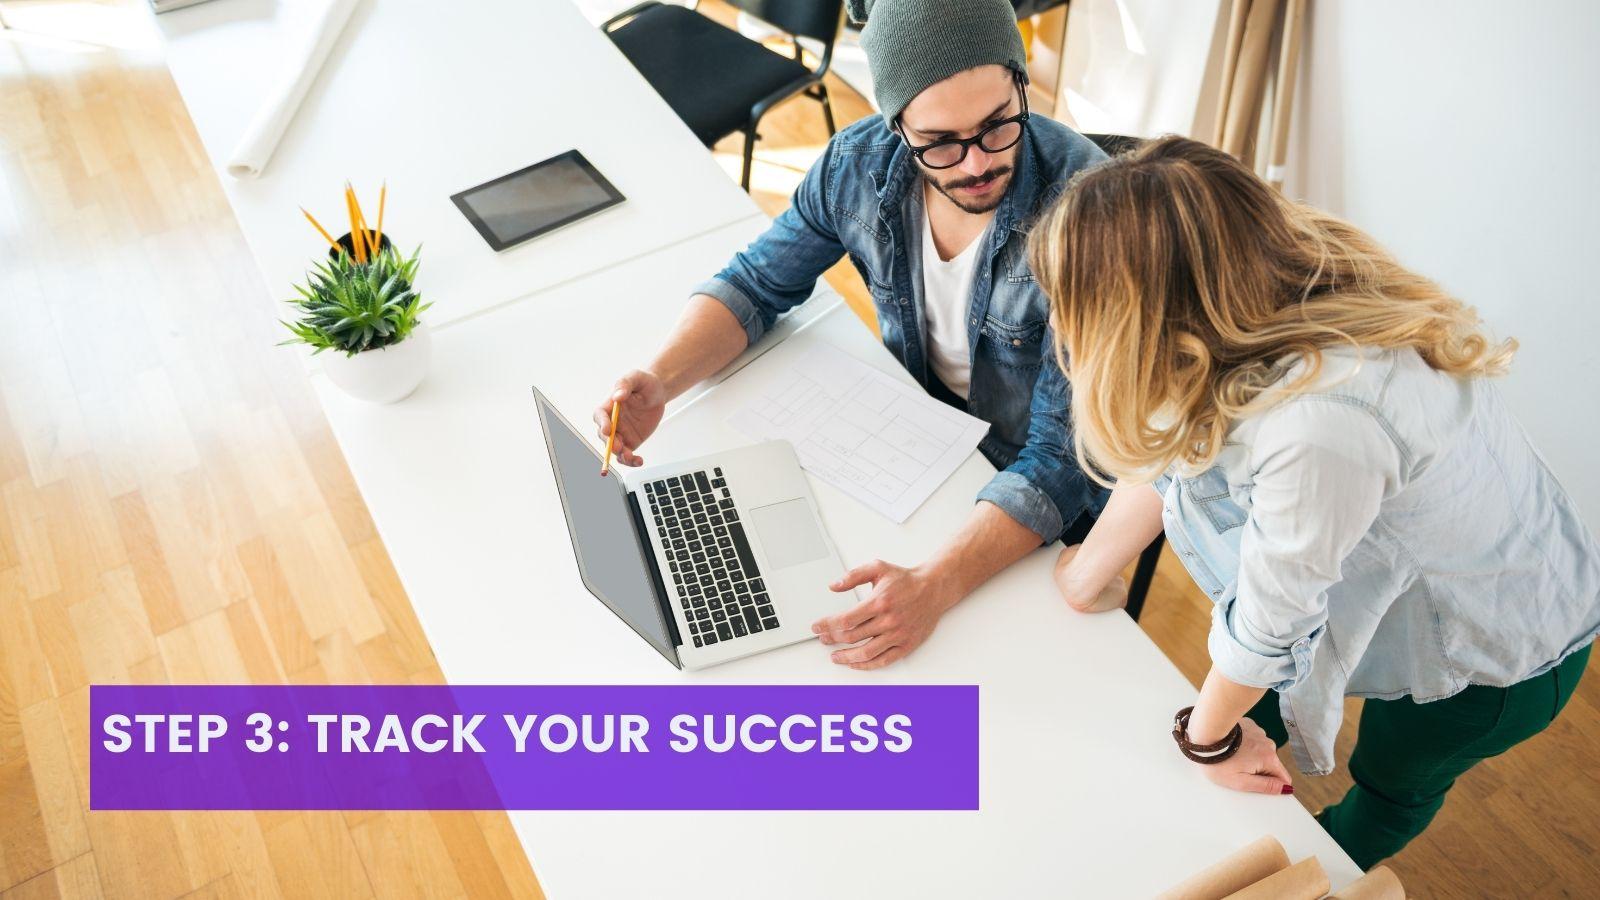 Step 3 for agile teams, tracking success, on agilitycms.com